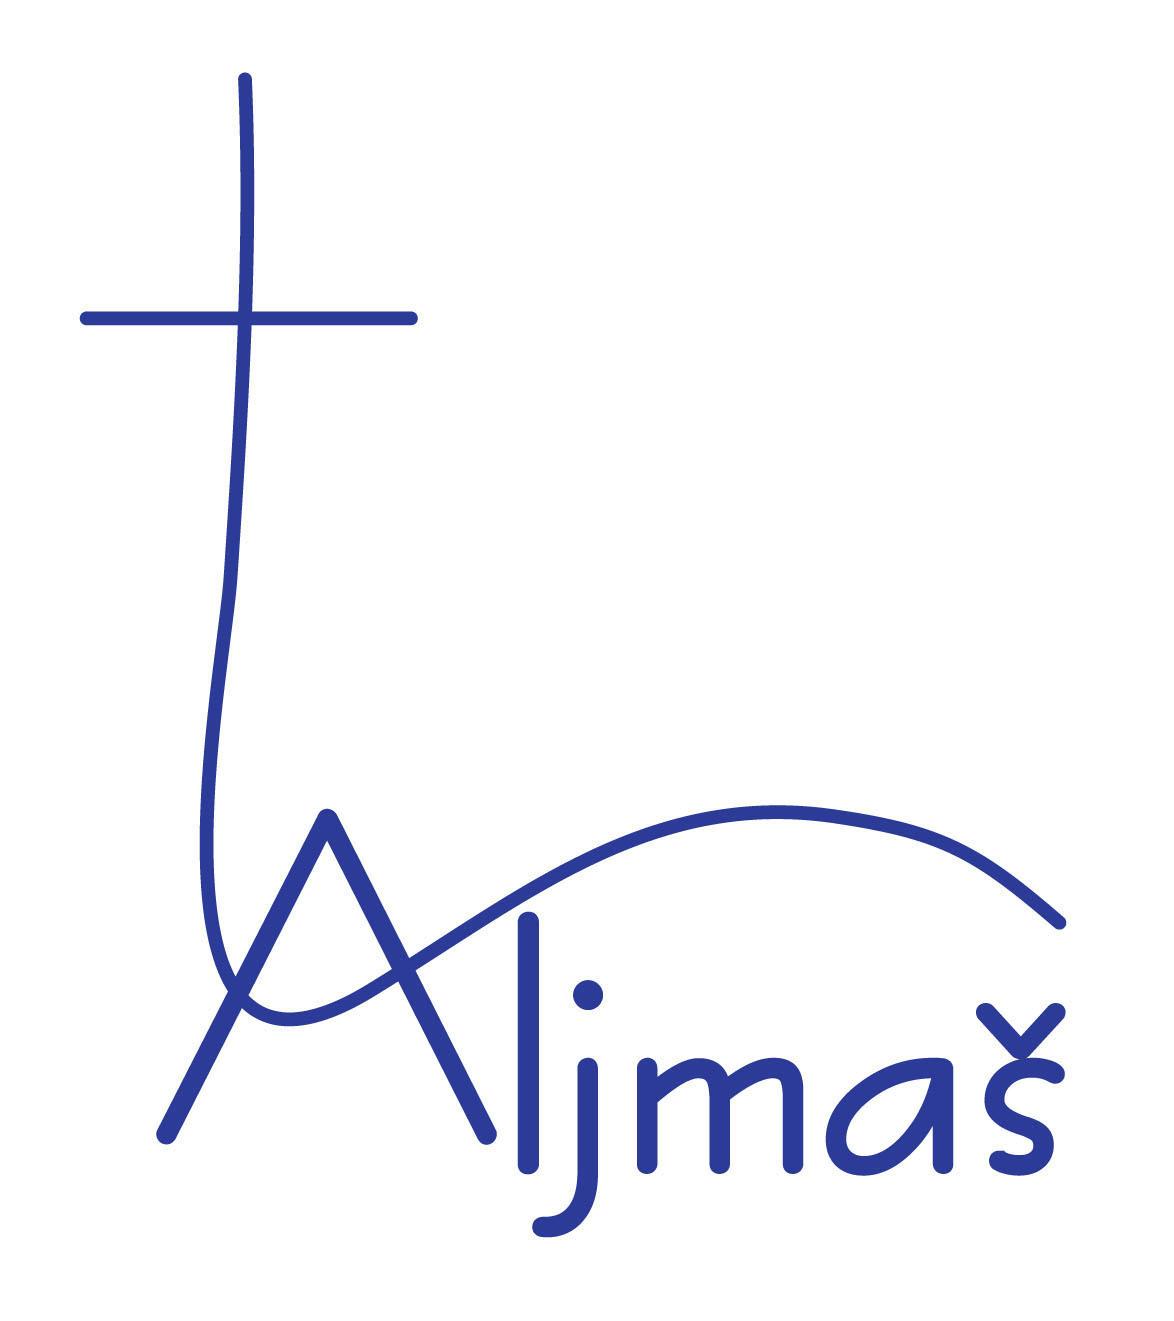 aljmas_znak